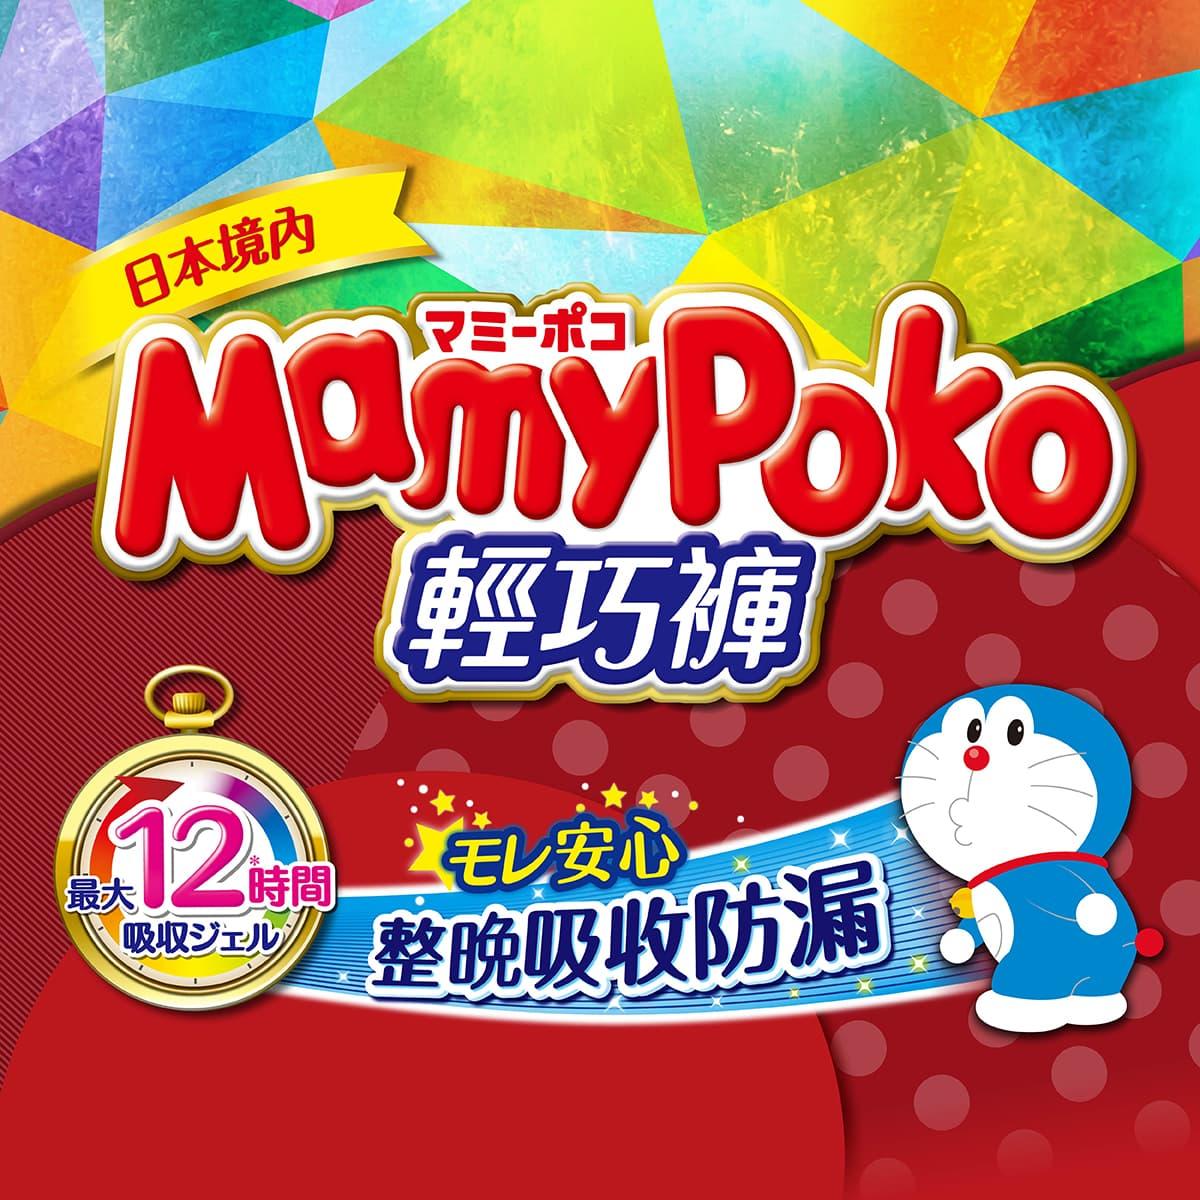 滿意寶寶輕巧褲多啦A夢版,日本境內「12小時防漏好安心」、「360度透氣遠離紅屁屁」、「超可愛多啦A夢圖案設計」,寶寶怎麼玩耍都安心。